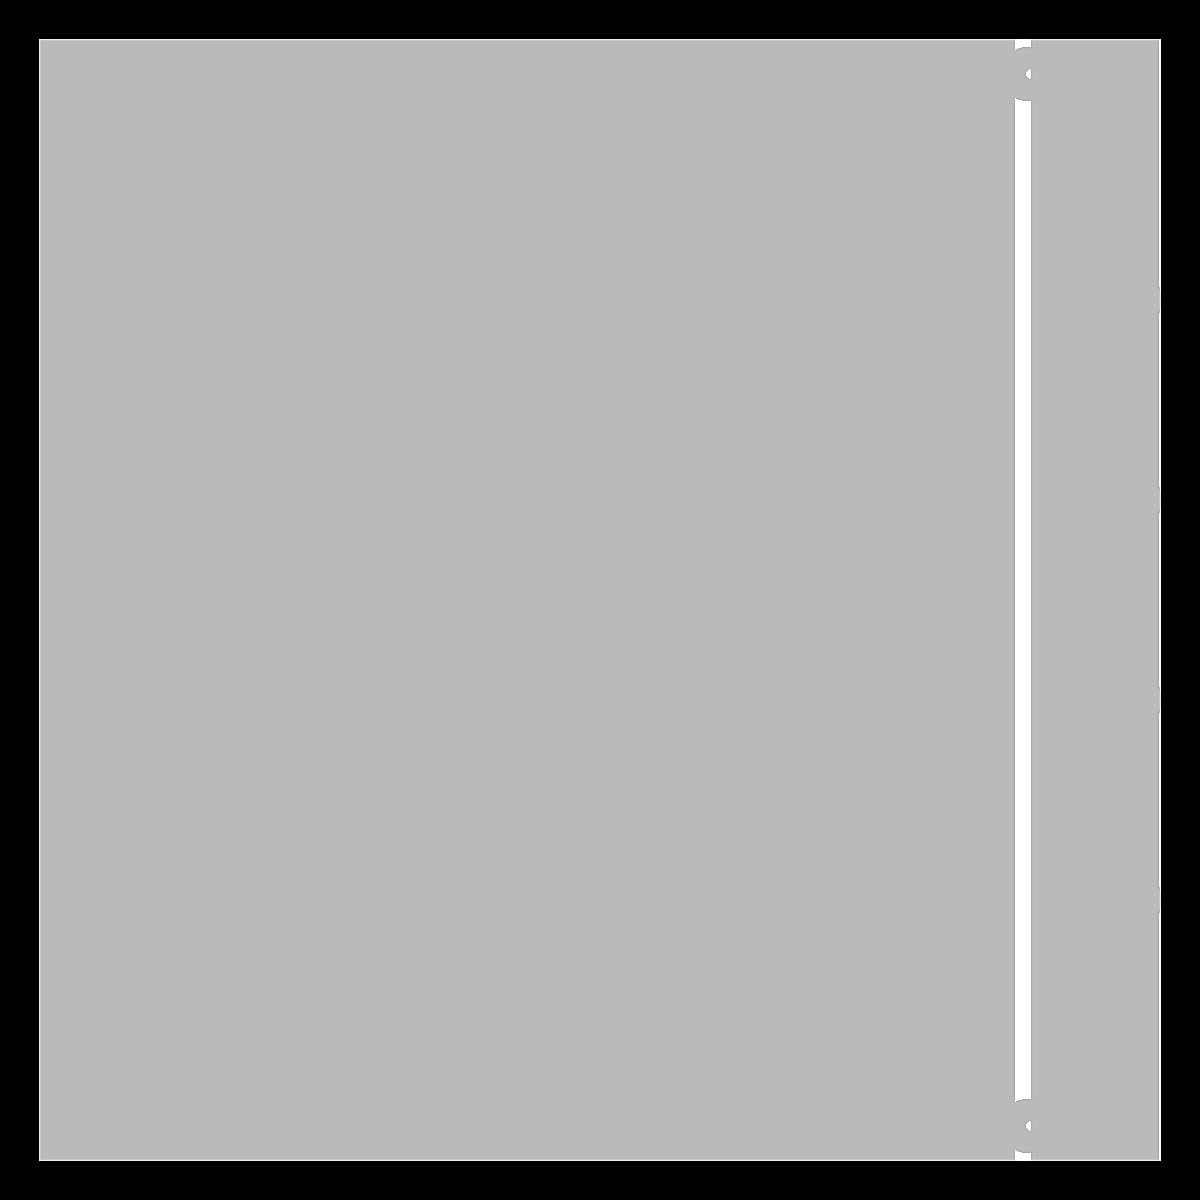 手绘-梦幻氛围边框1